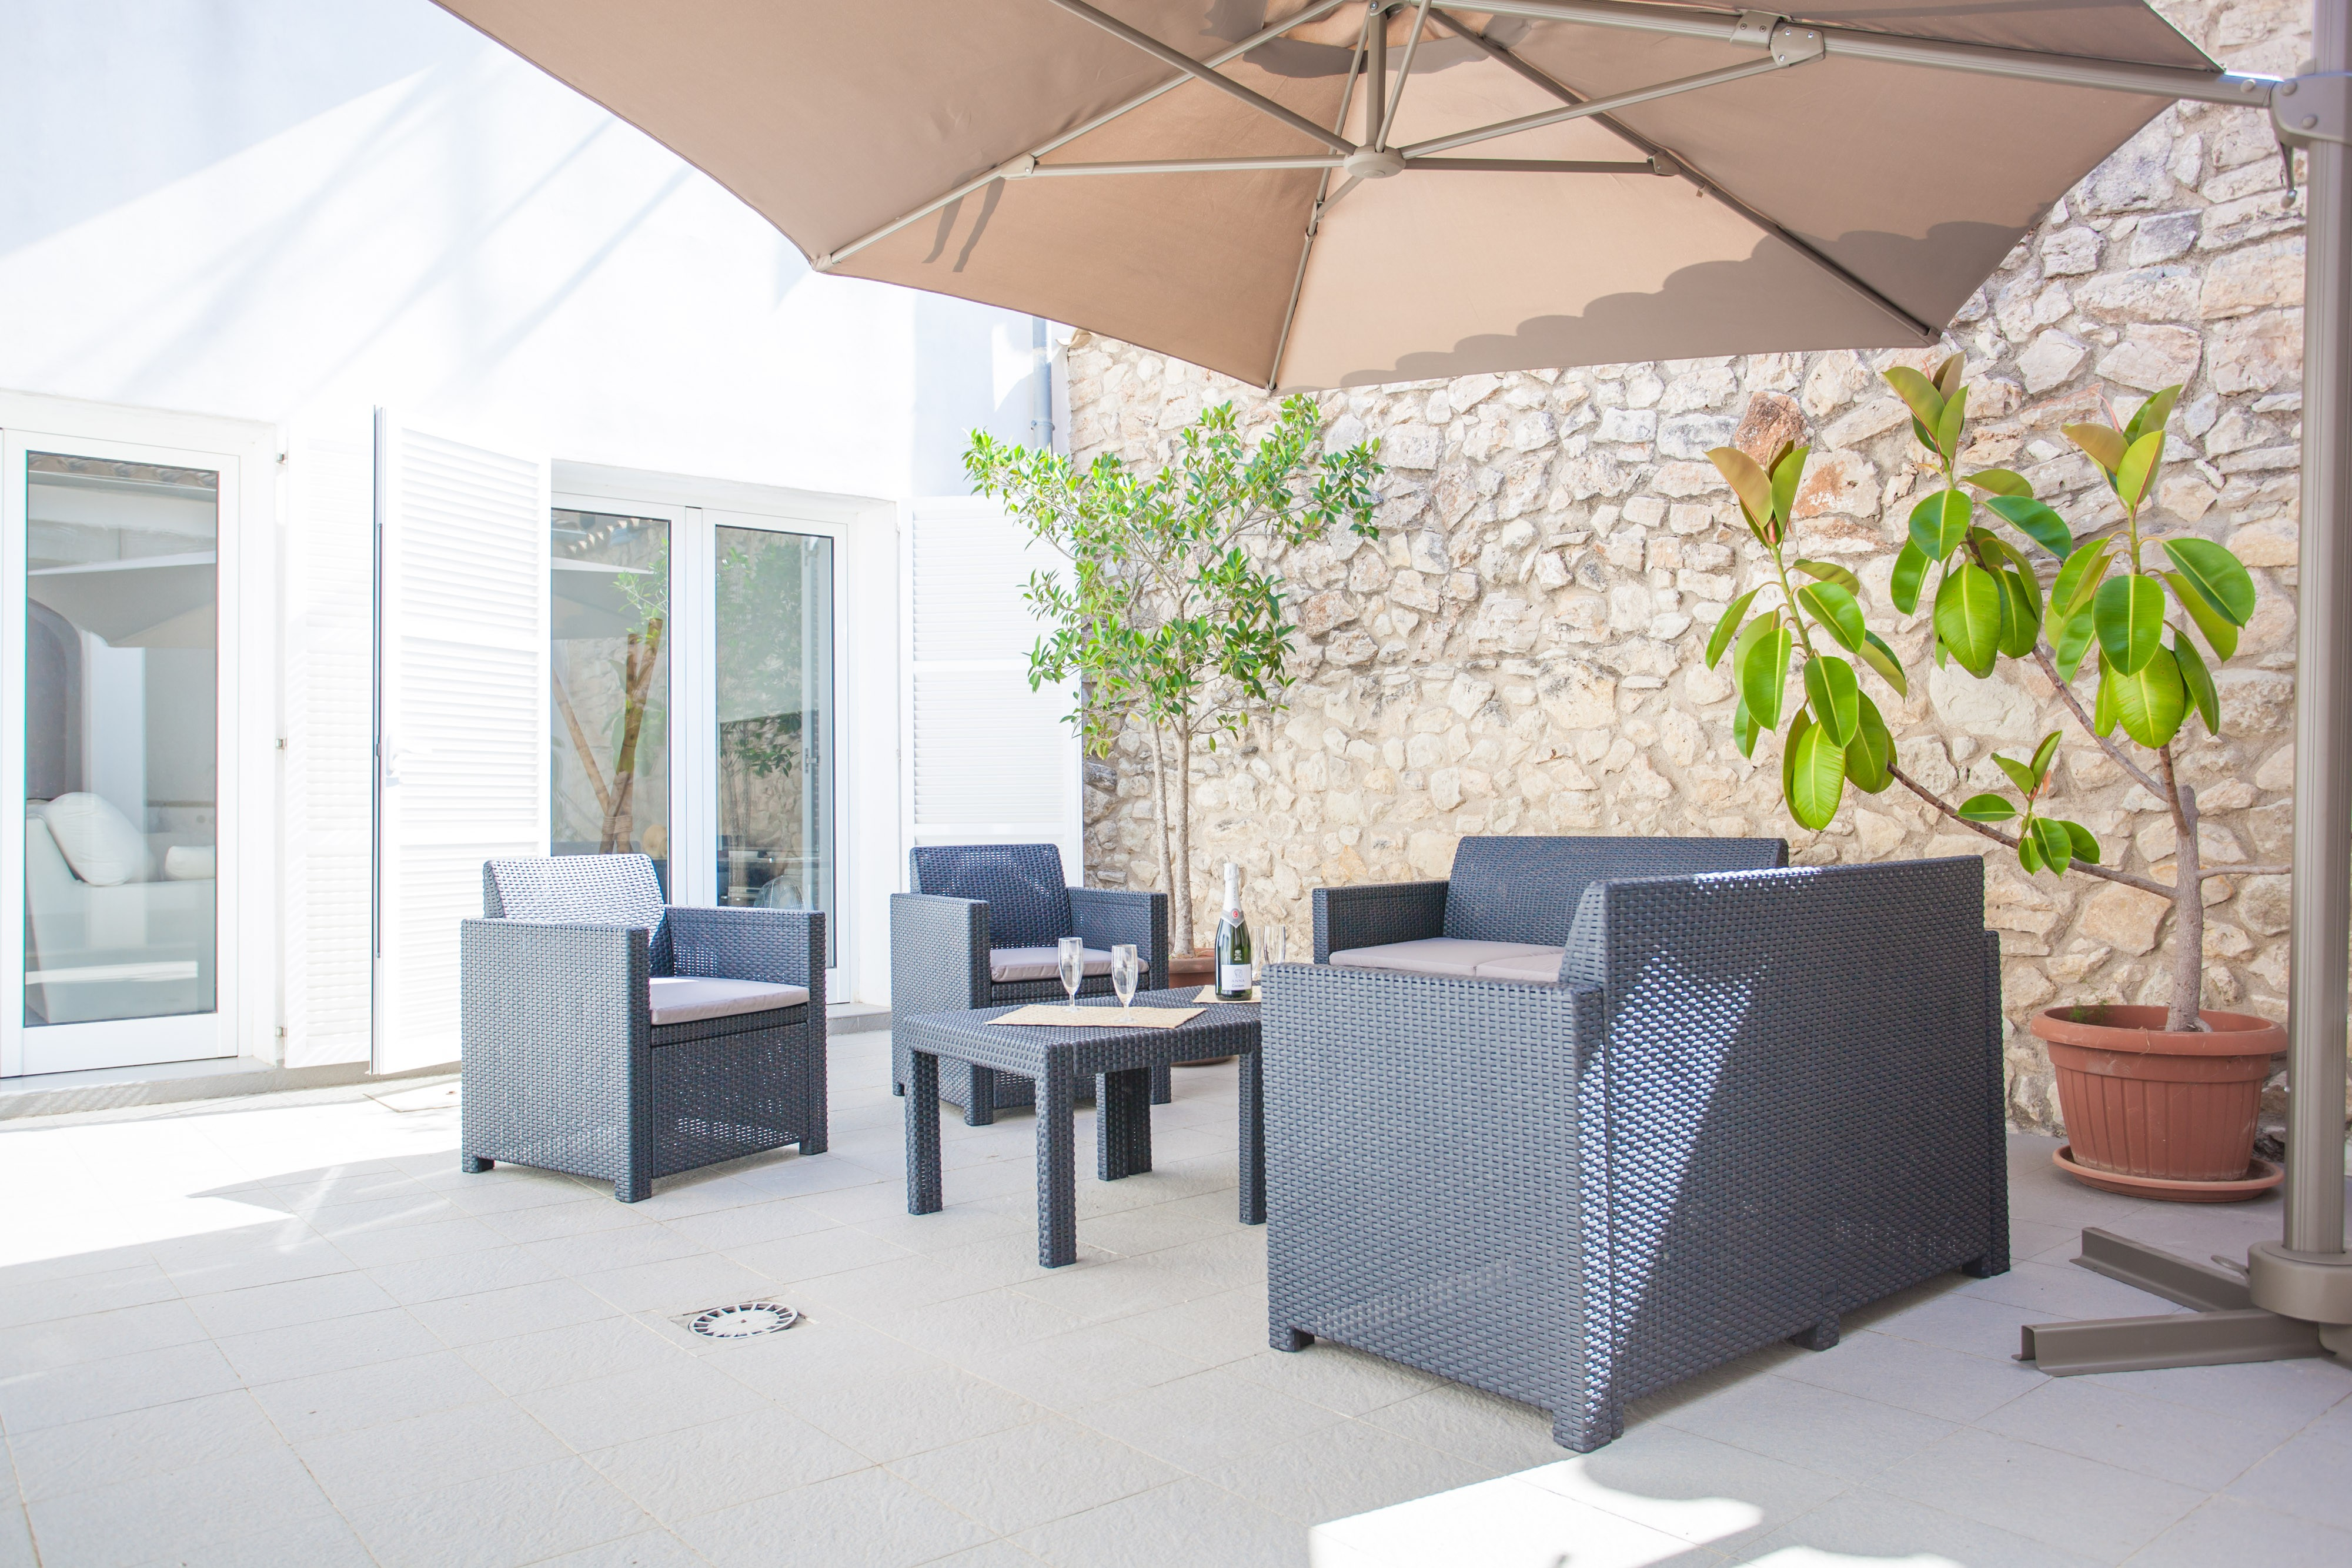 Maison de vacances CAN DOMINGO (2246405), Lloret de Vistalegre, Majorque, Iles Baléares, Espagne, image 26